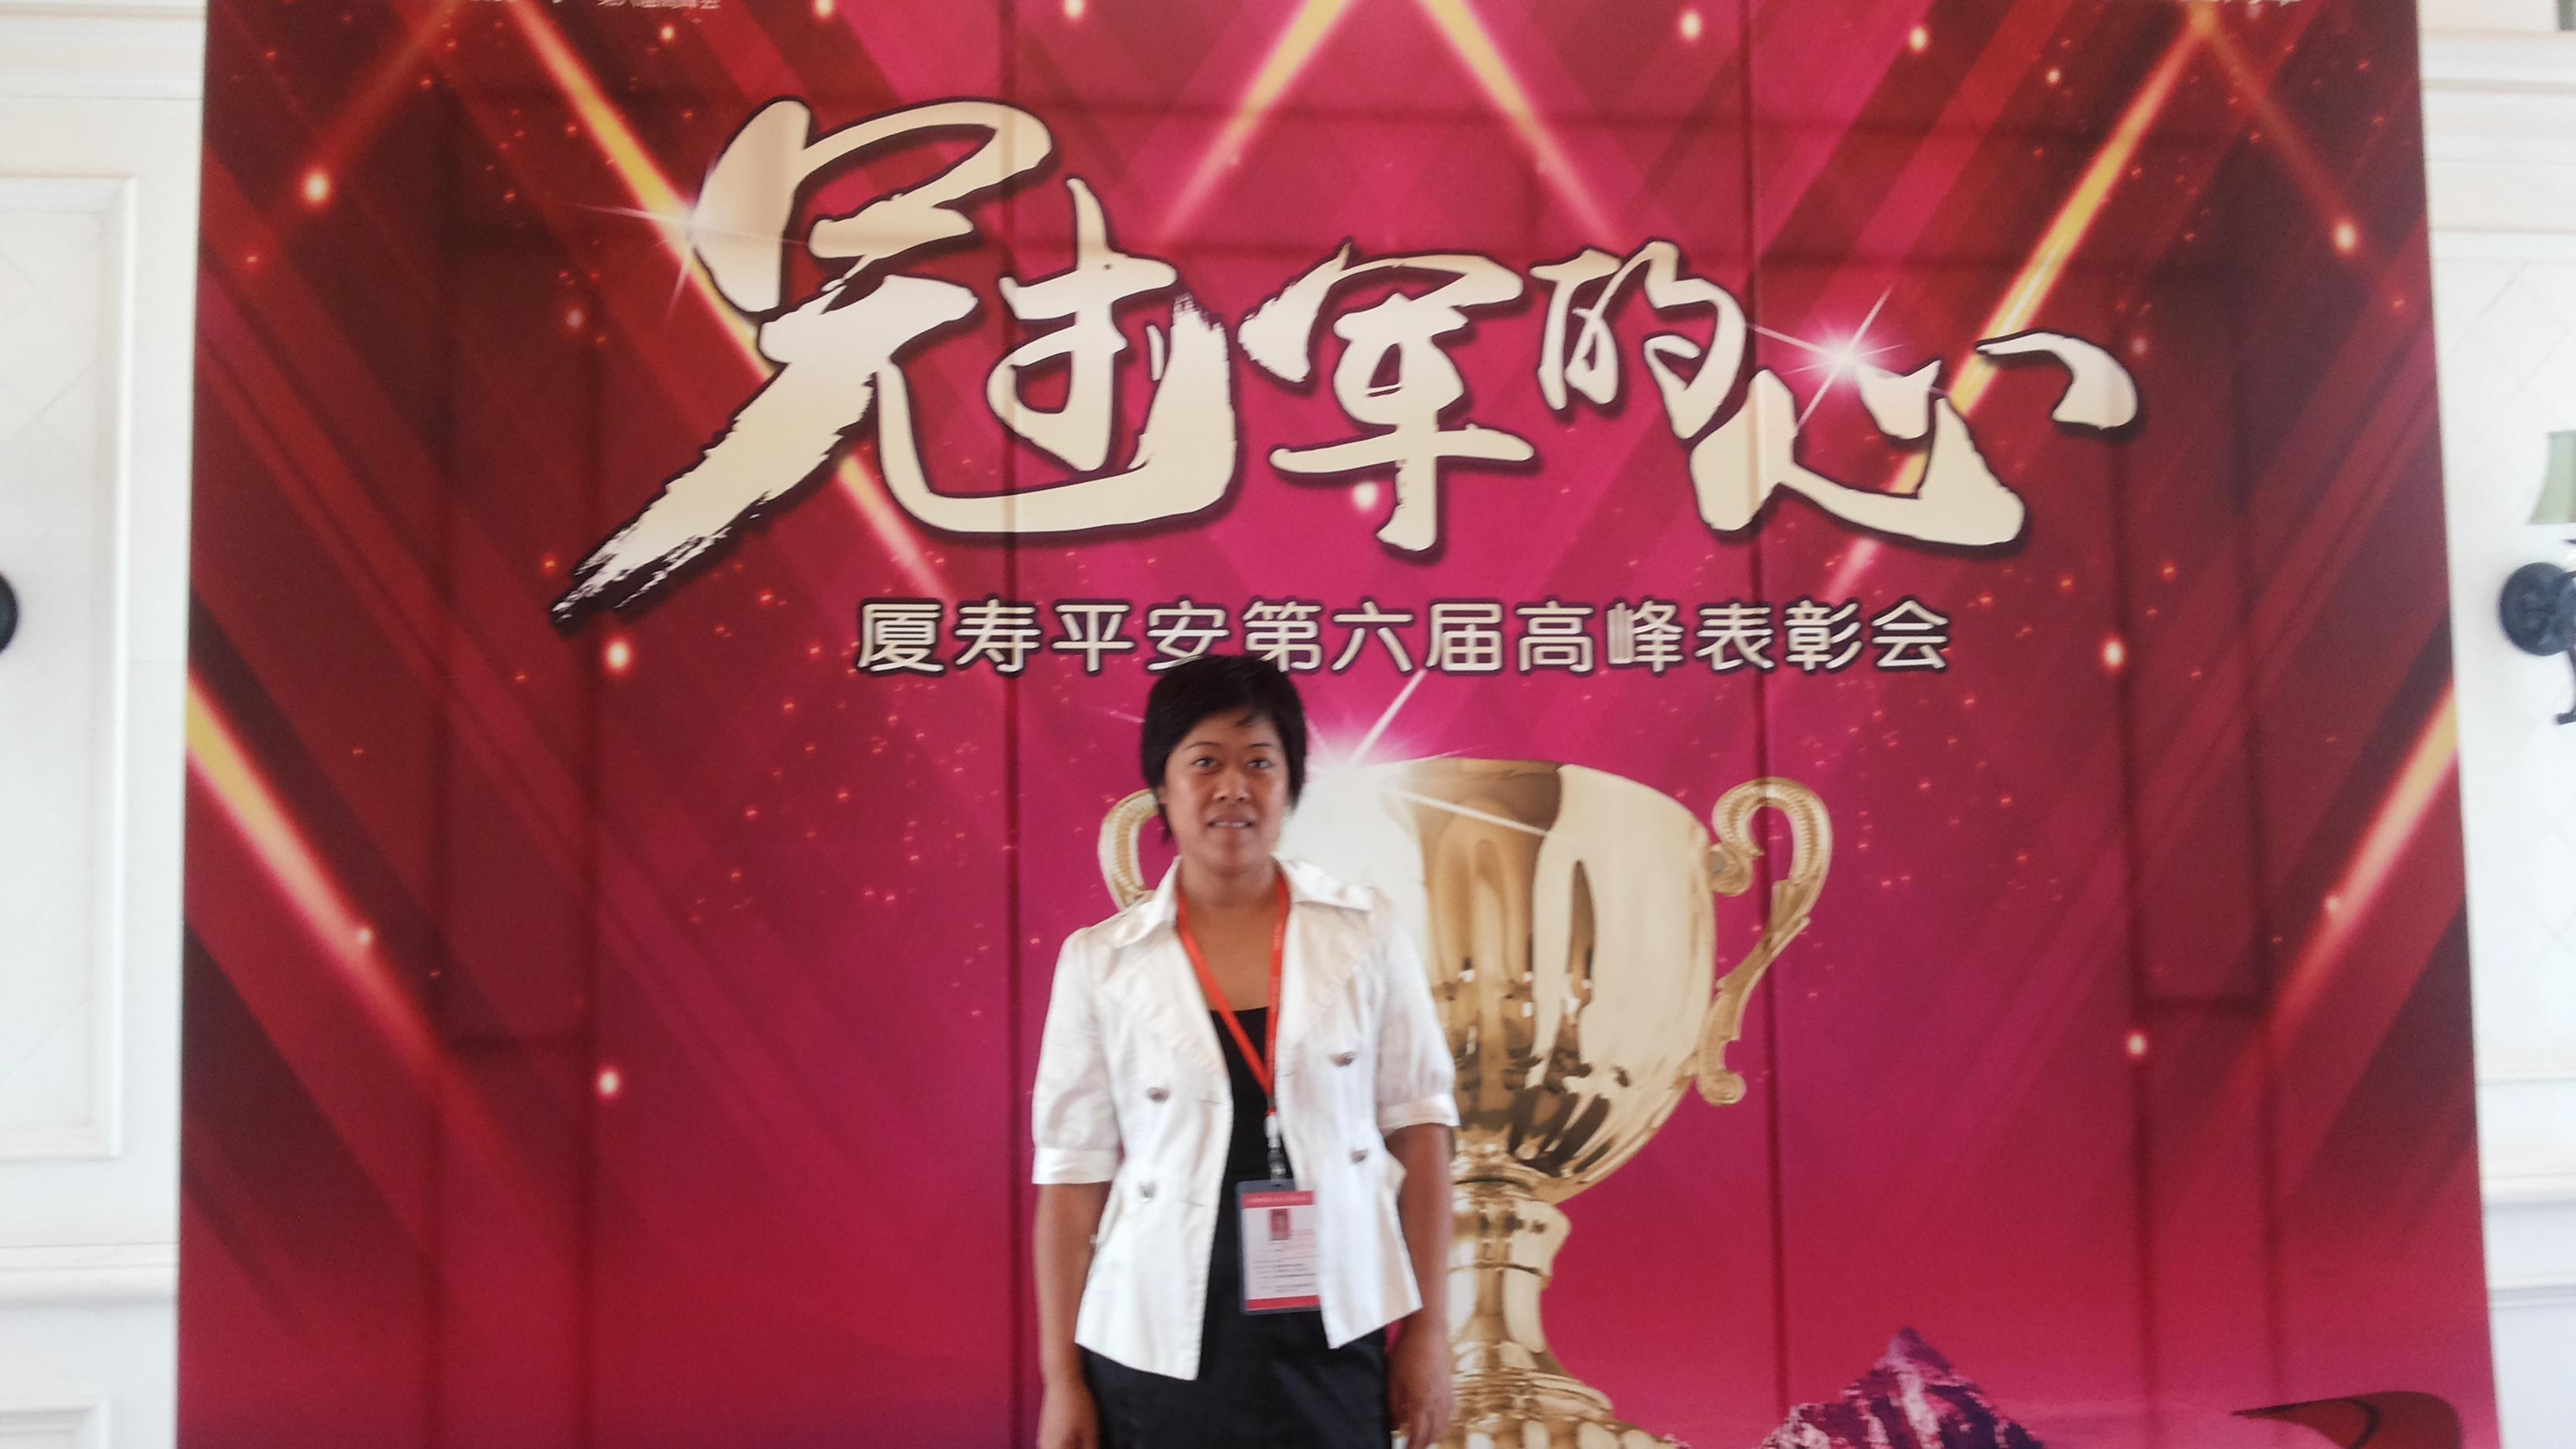 许峰玲的个人名片